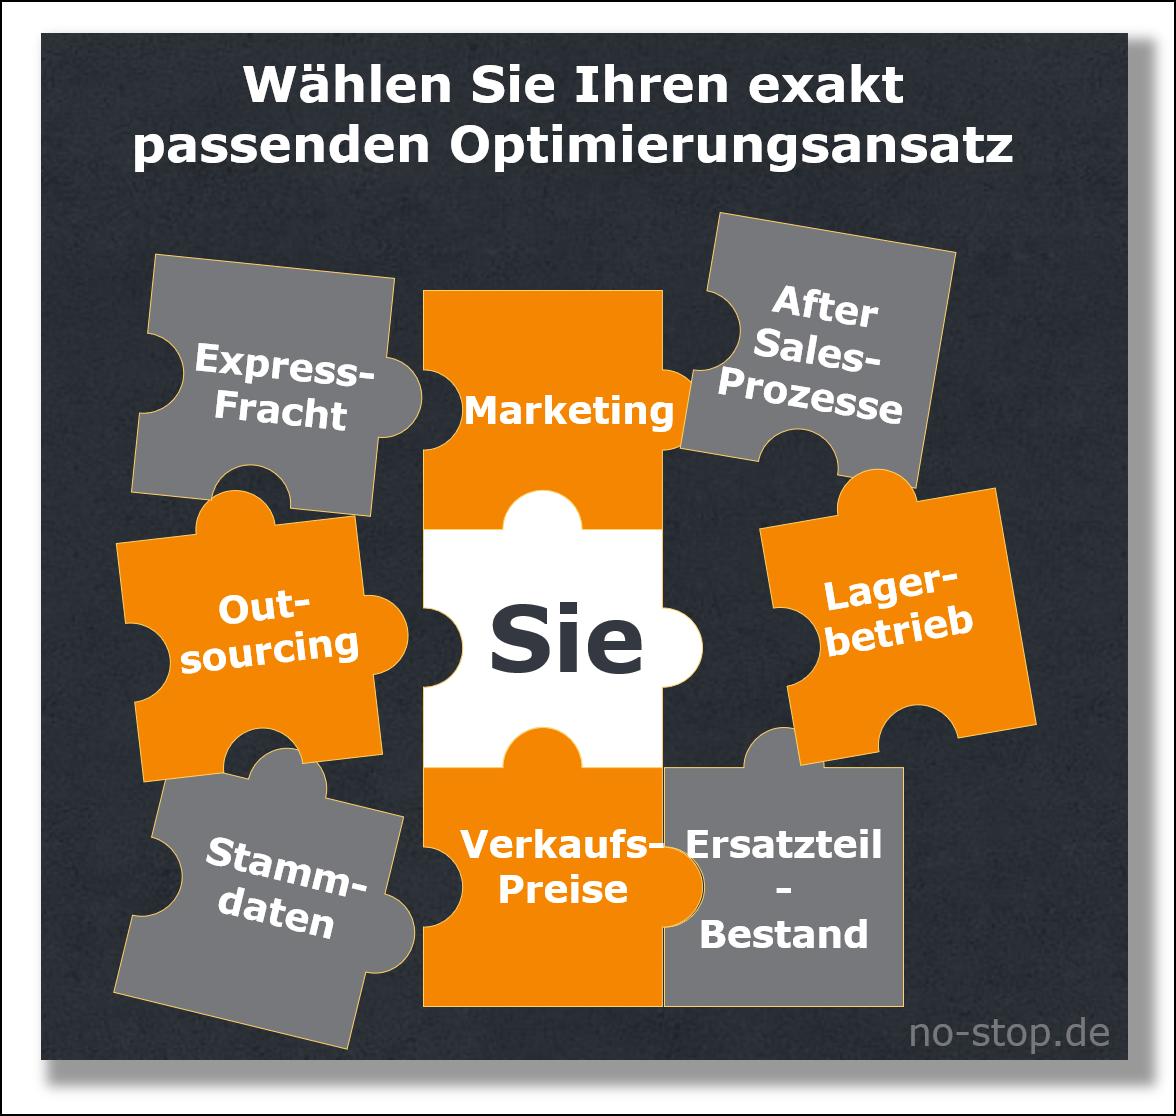 After Sales Service Unternehmensberatung mit Fokus auf Ersatzteilgeschäft no-stop.de